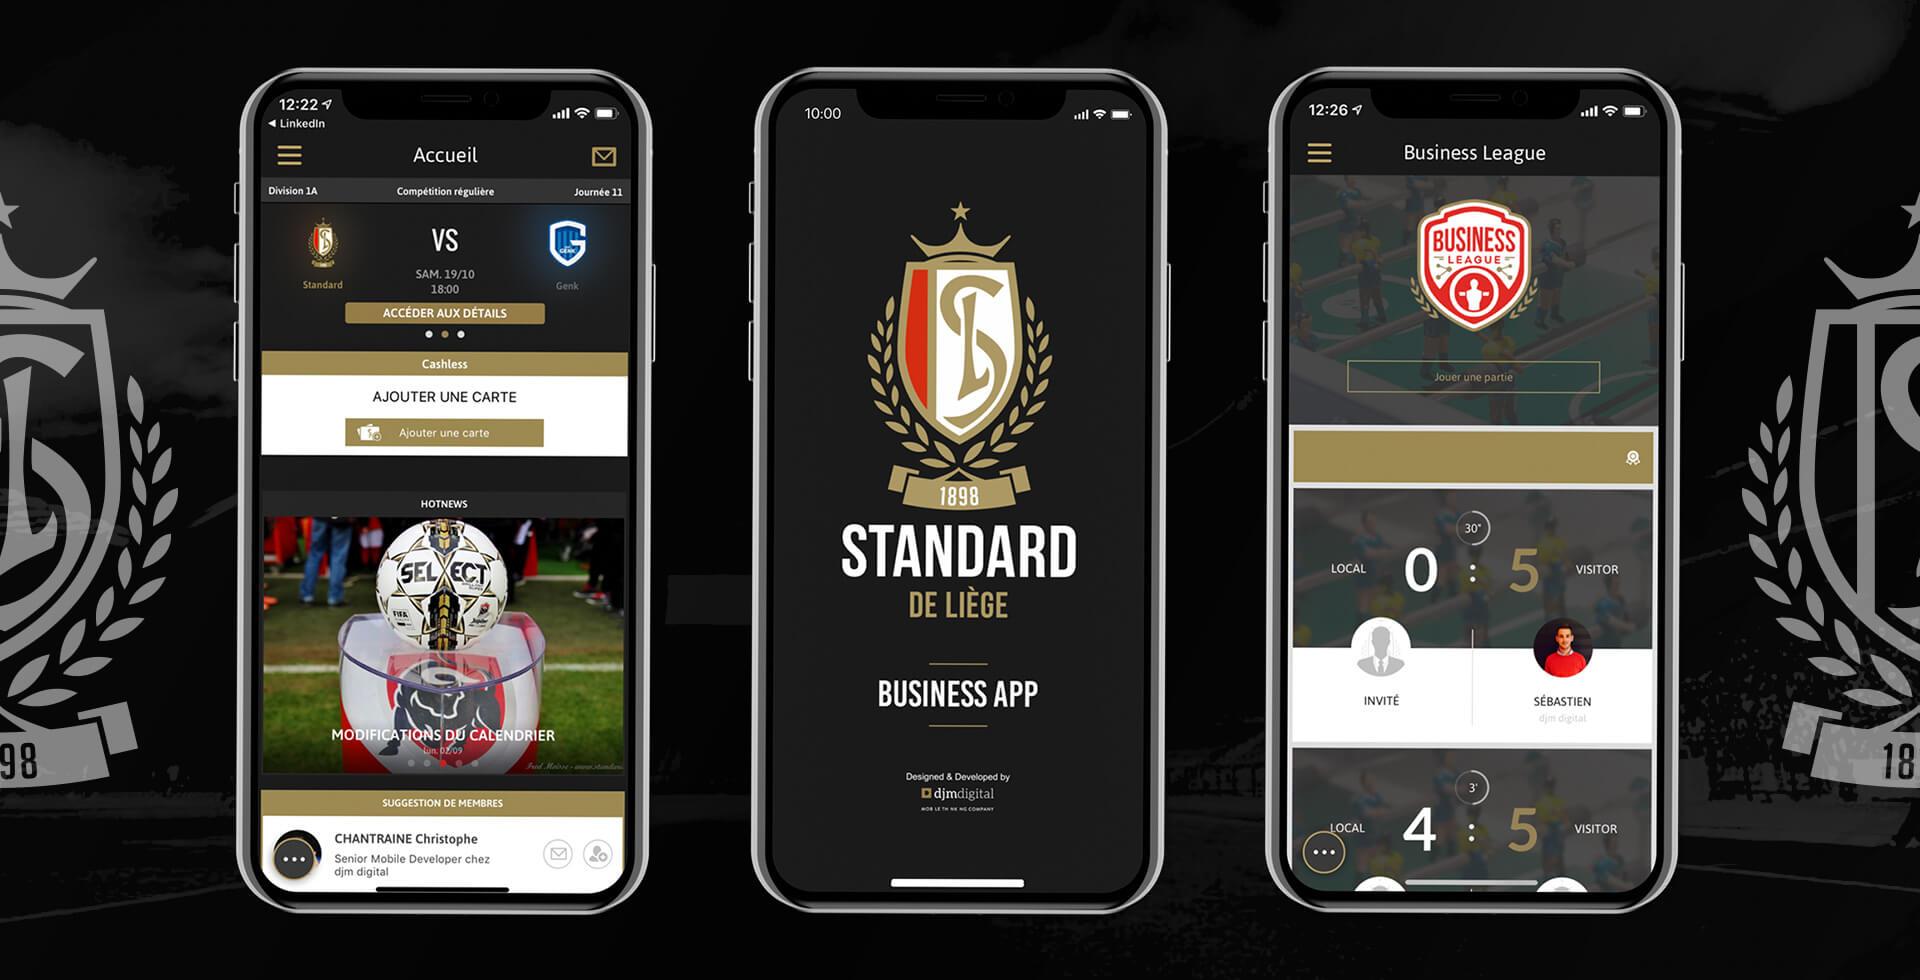 Standard App Business